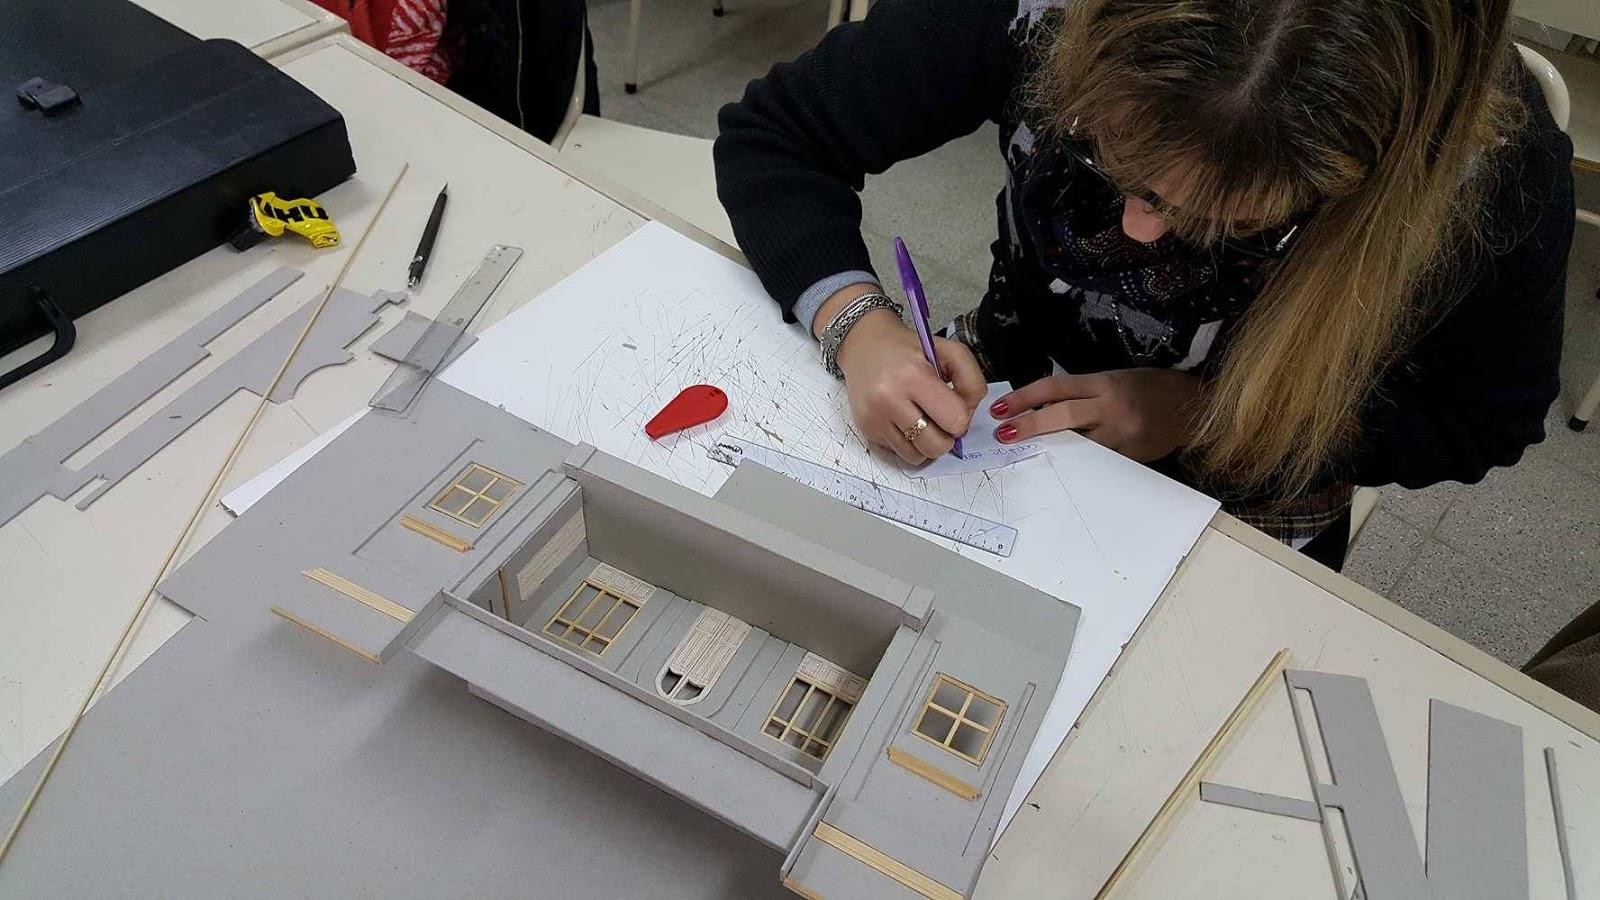 Maqueta tec sup dise o de interiores edificios Escuela arte 4 diseno de interiores